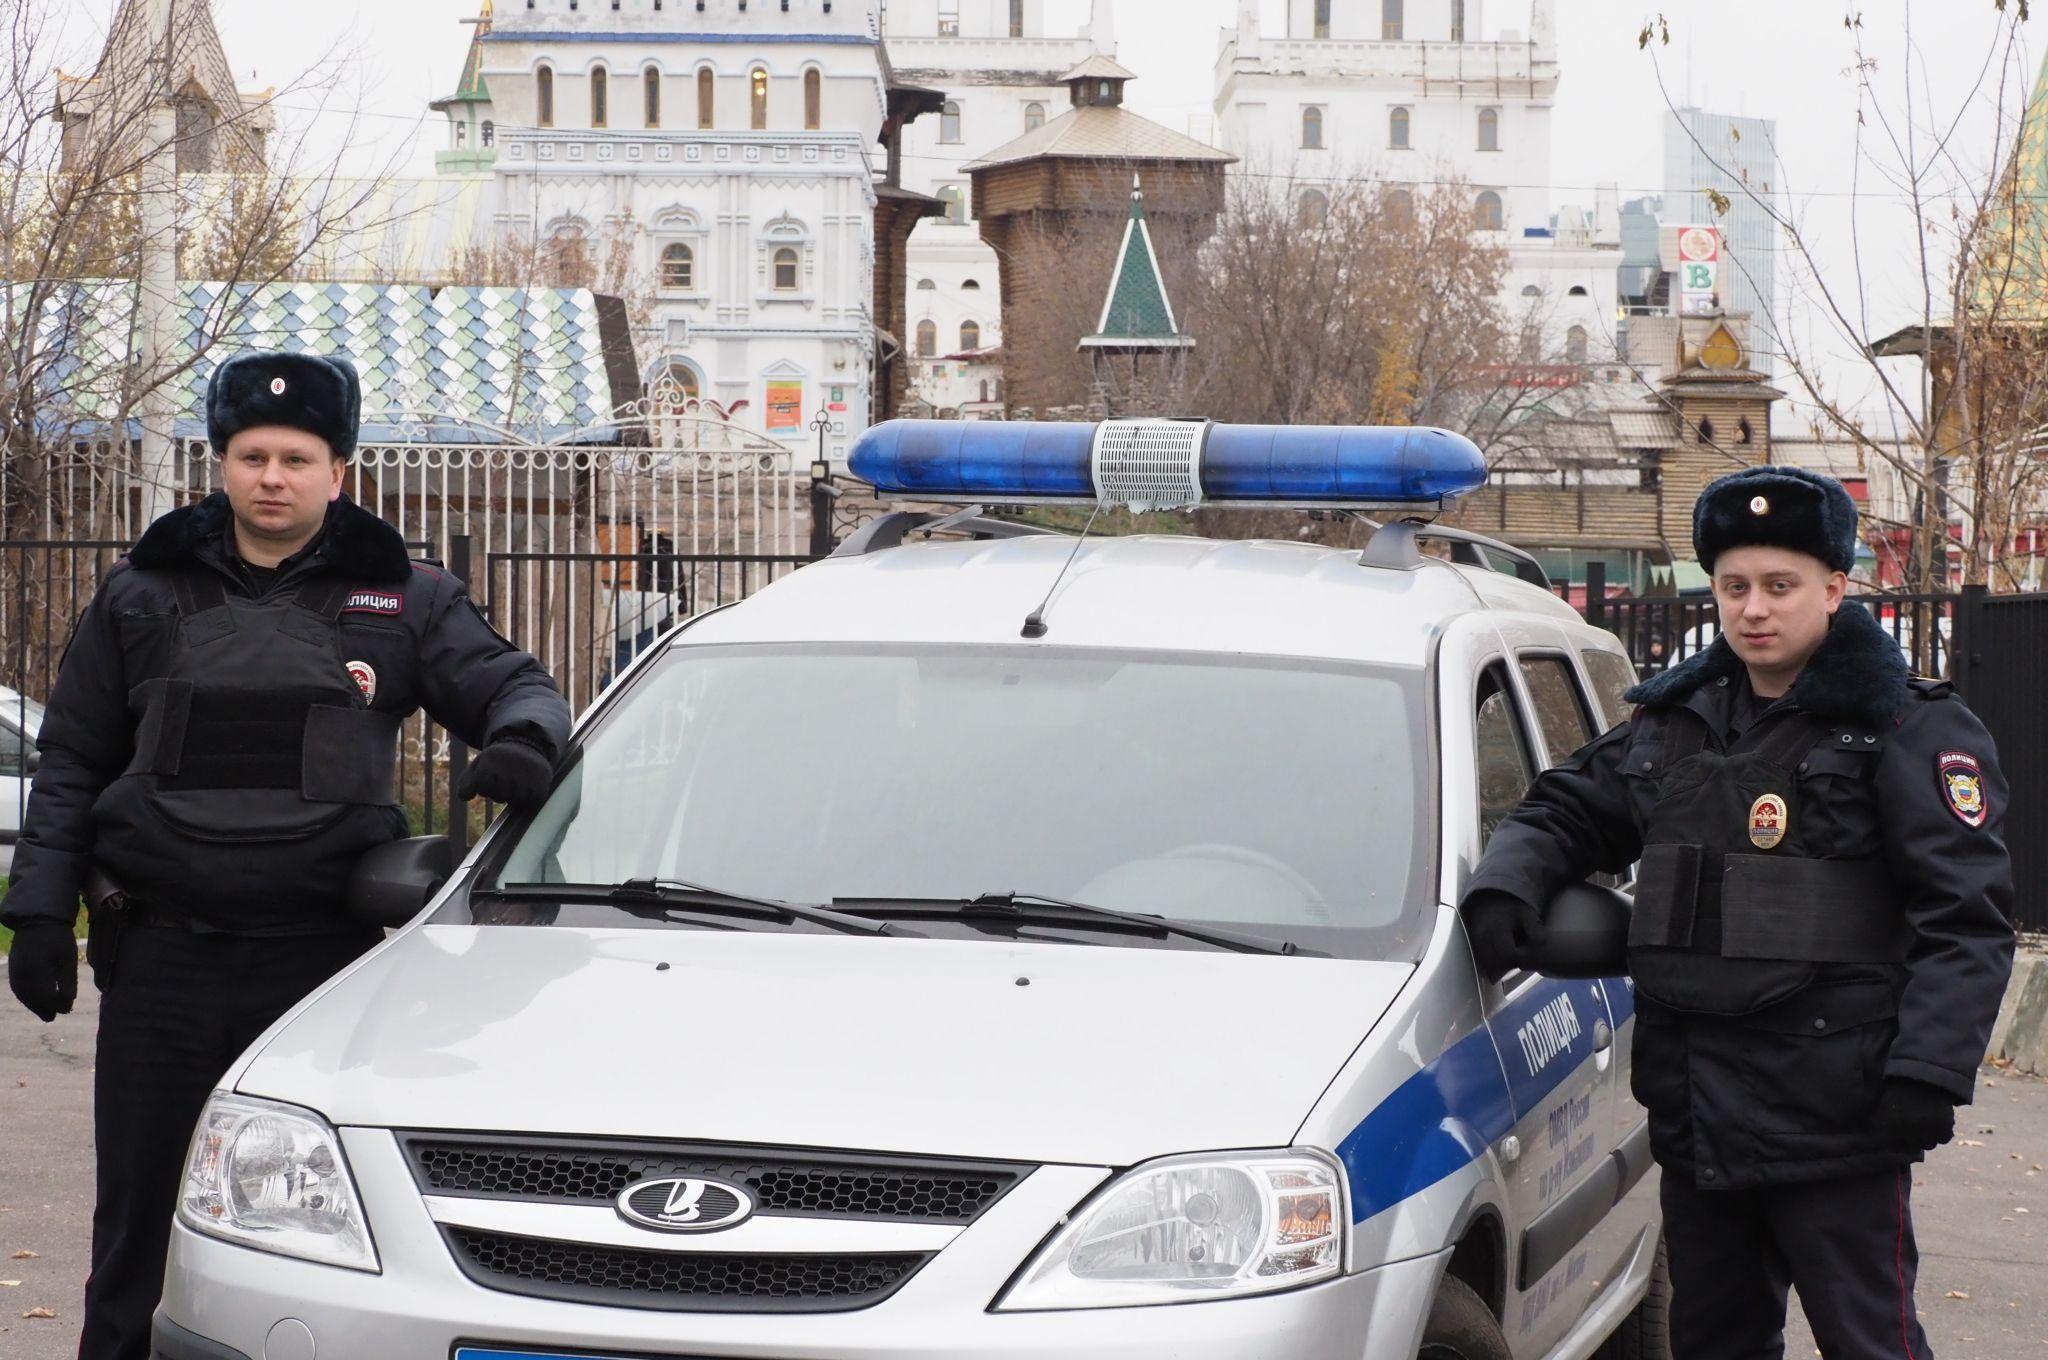 Полицейскими УВД юга столицы задержан подозреваемый в присвоении денежных средств организации